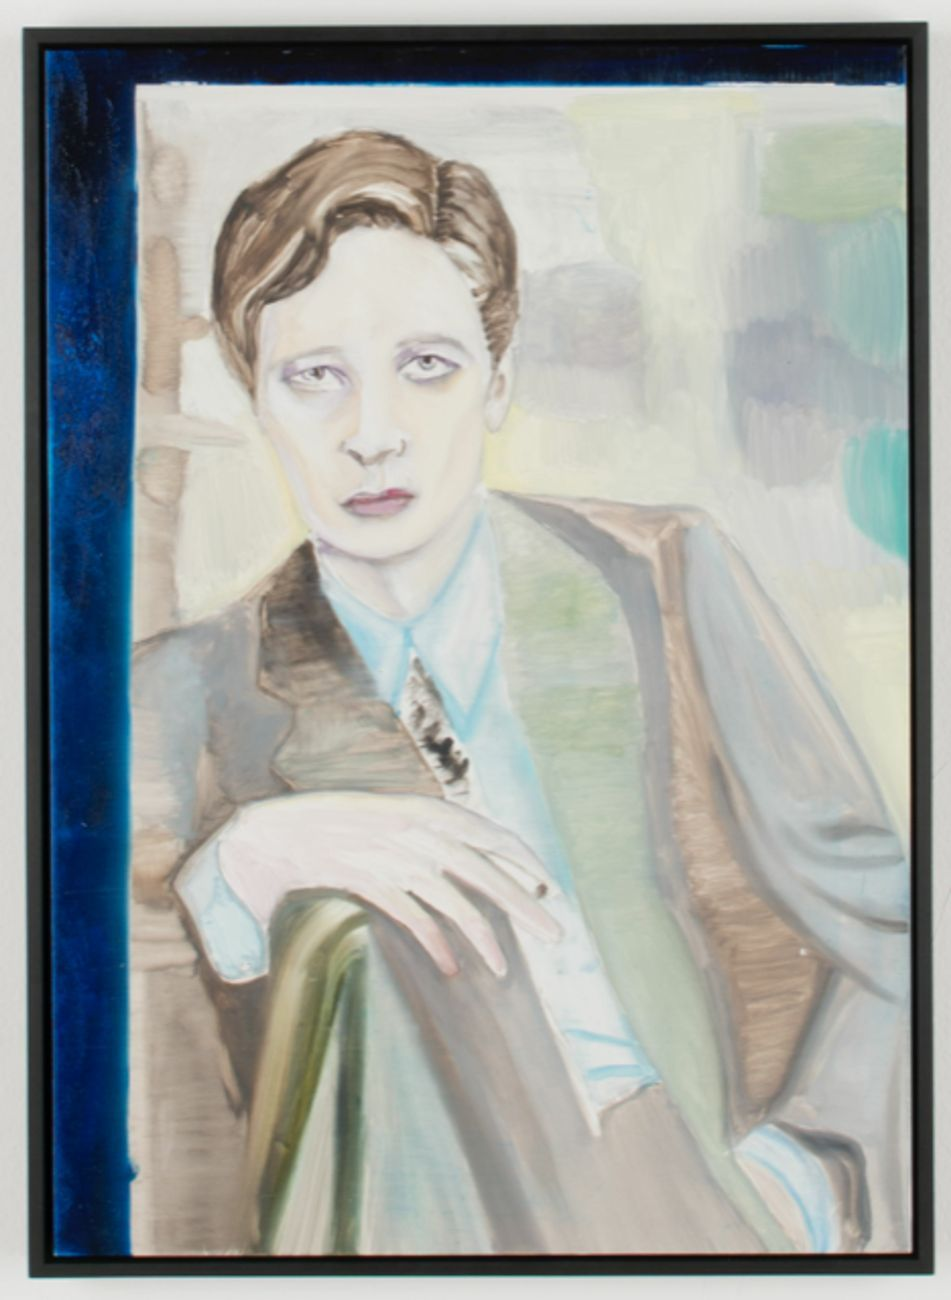 Marc Bauer, Untitled (Annemarie seated), 2017, pittura ad olio su alluminio rivestito, cm 47 x 34. Courtesy Gilda Lavia, Roma